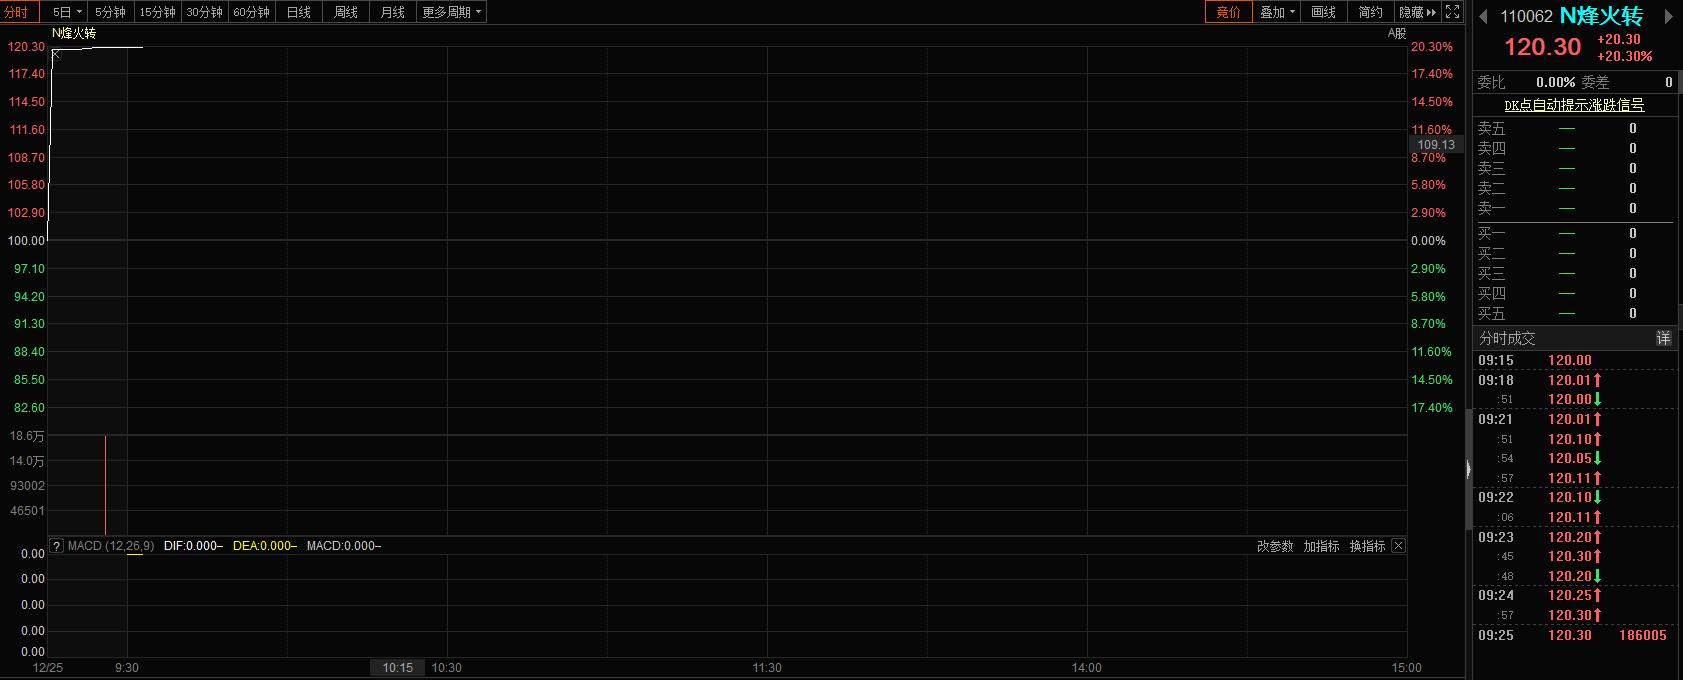 月内第二只!可转债再现涨到临停 中签率却持续下滑